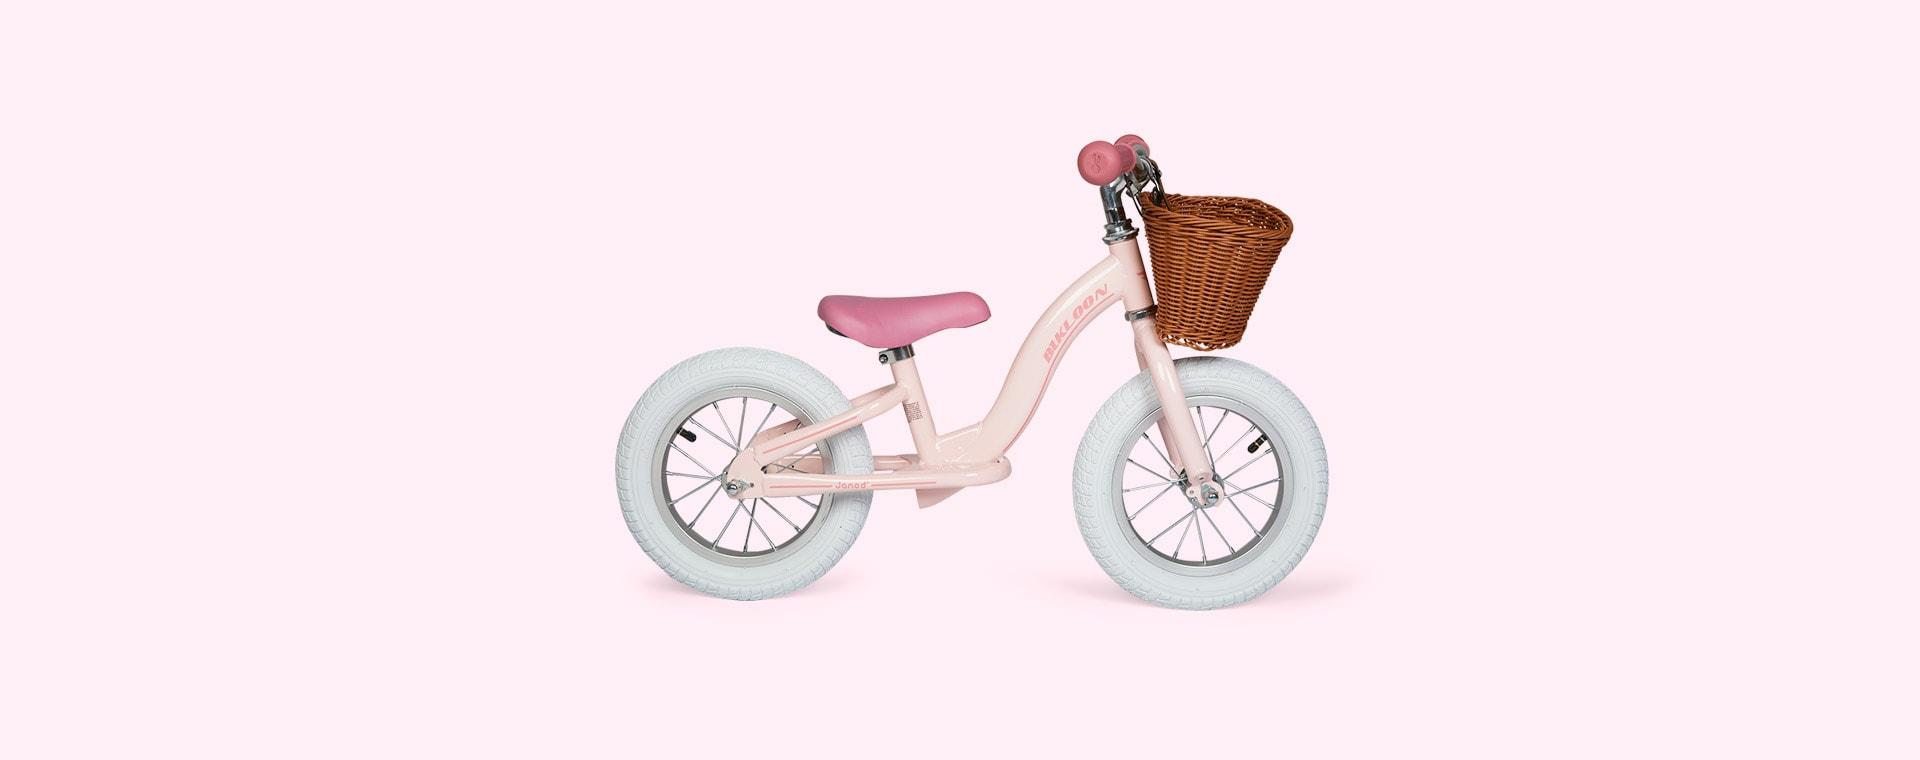 Pink Janod Rose Vintage Balance Bike